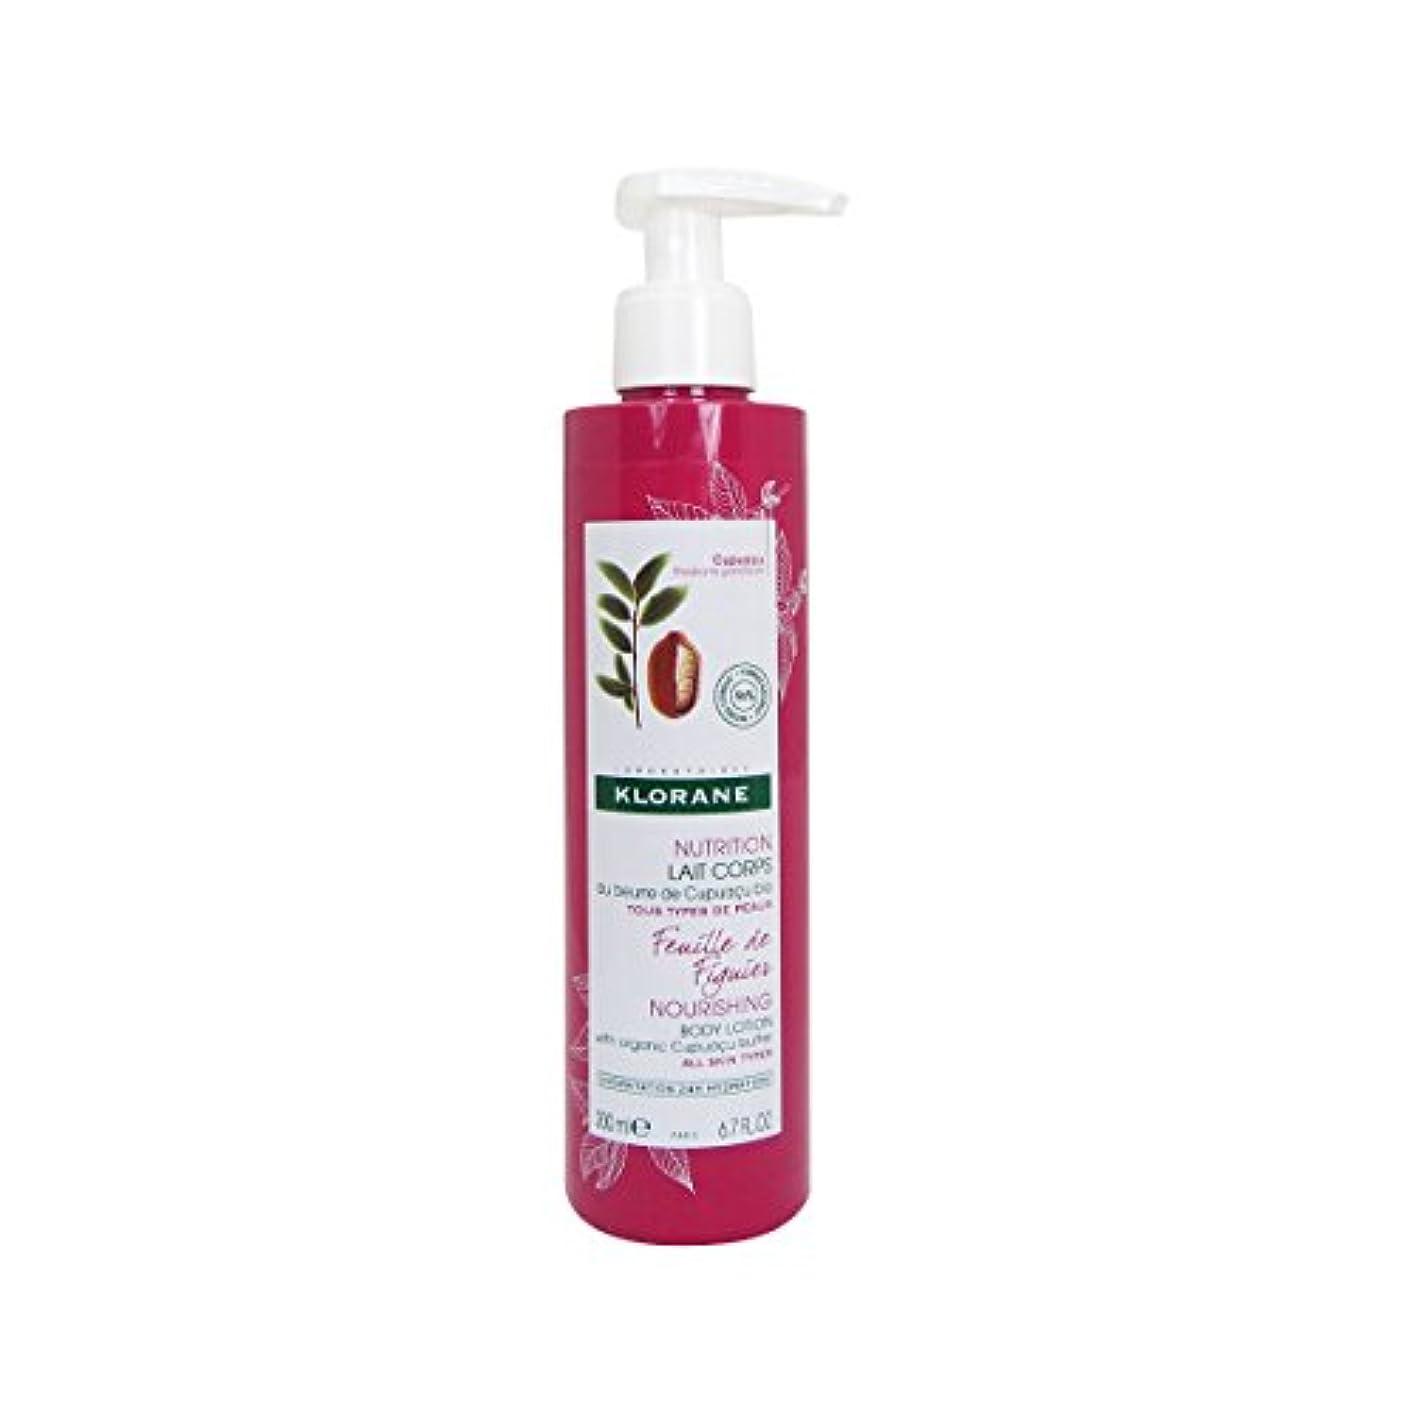 ビートハンカチビヨンKlorane Nutrition Body Milk Fig Leaf 200ml [並行輸入品]